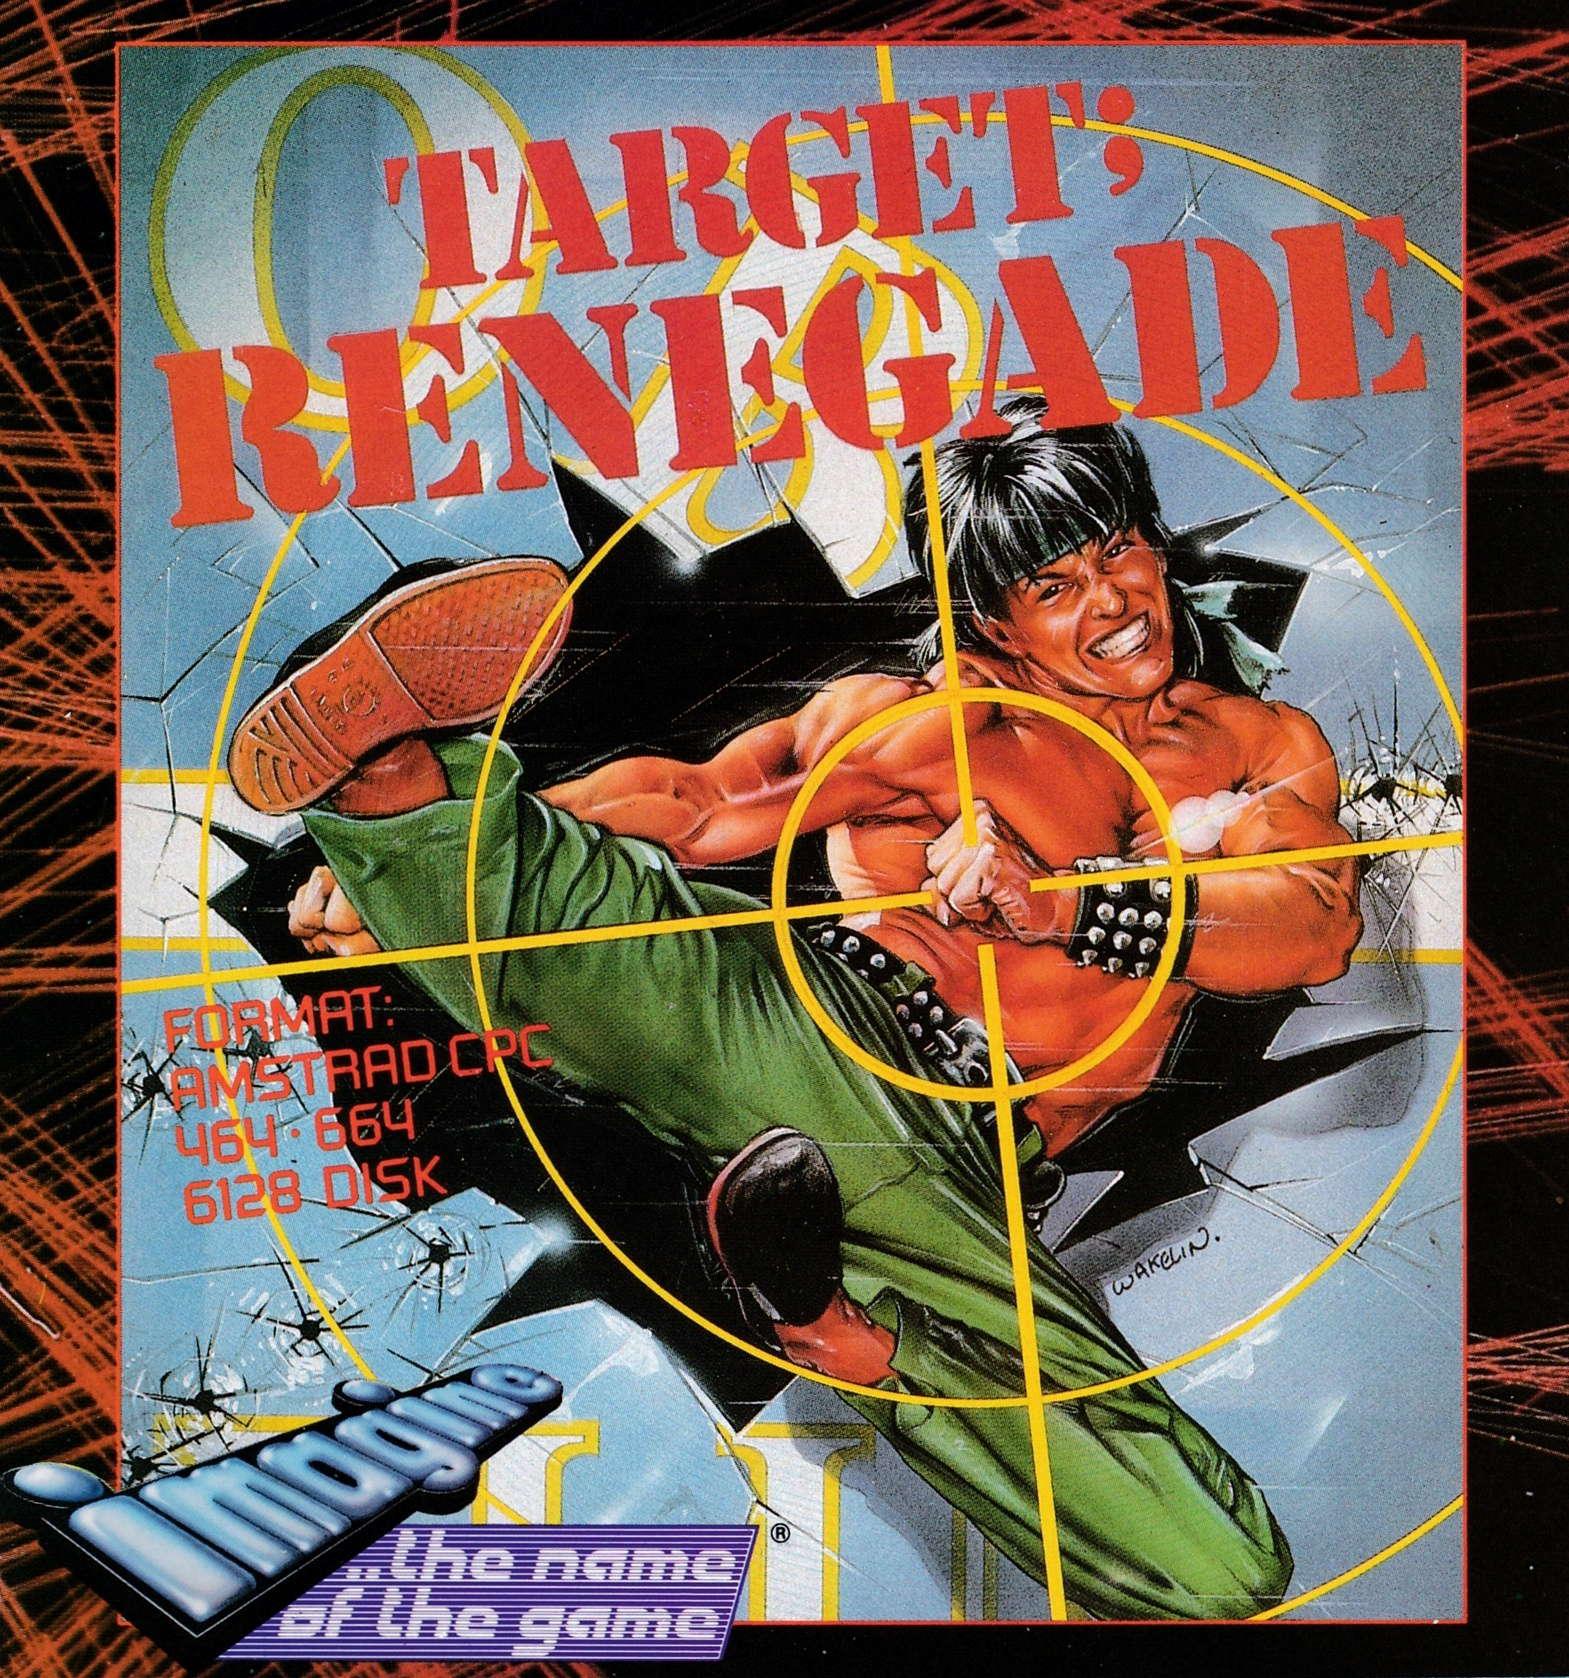 Quel a été votre première console ou ordi rétro et vos 1er jeux ? - Page 3 Target%20Renegade%20(E)